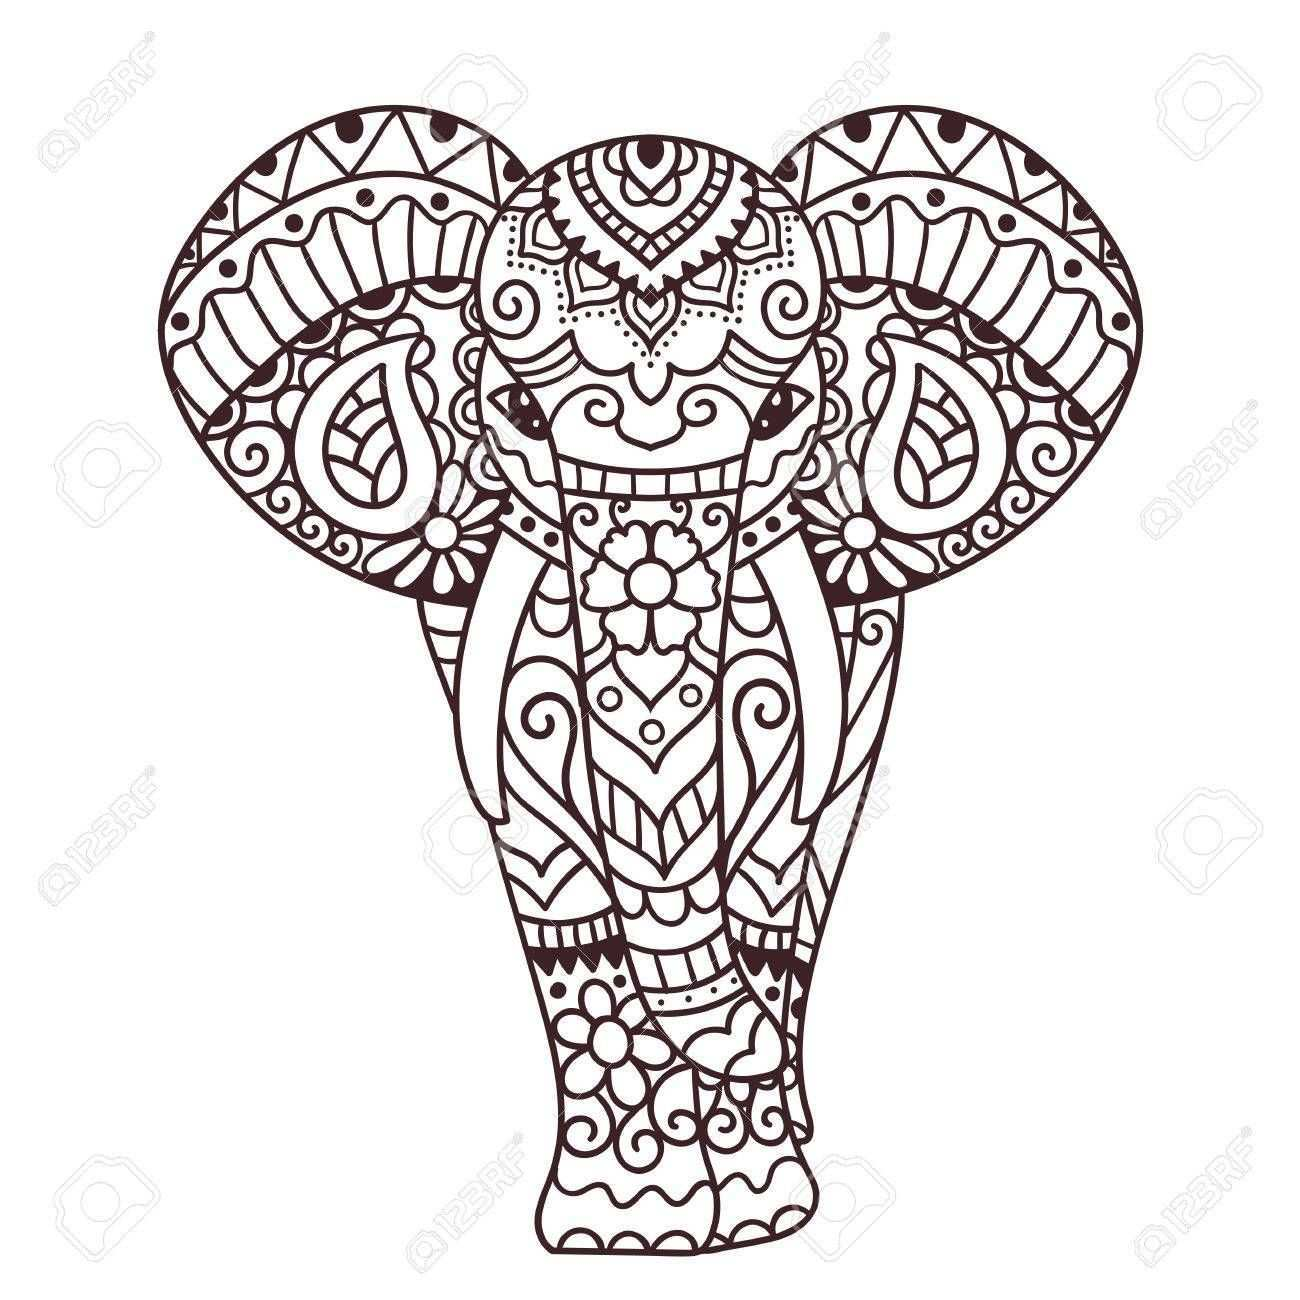 Dekorative Elefant Illustration Indian Thema Mit Ornamenten Vector Isolierte Darstellung Tattoo Elefanten Elefant Zeichnung Elefant Malen